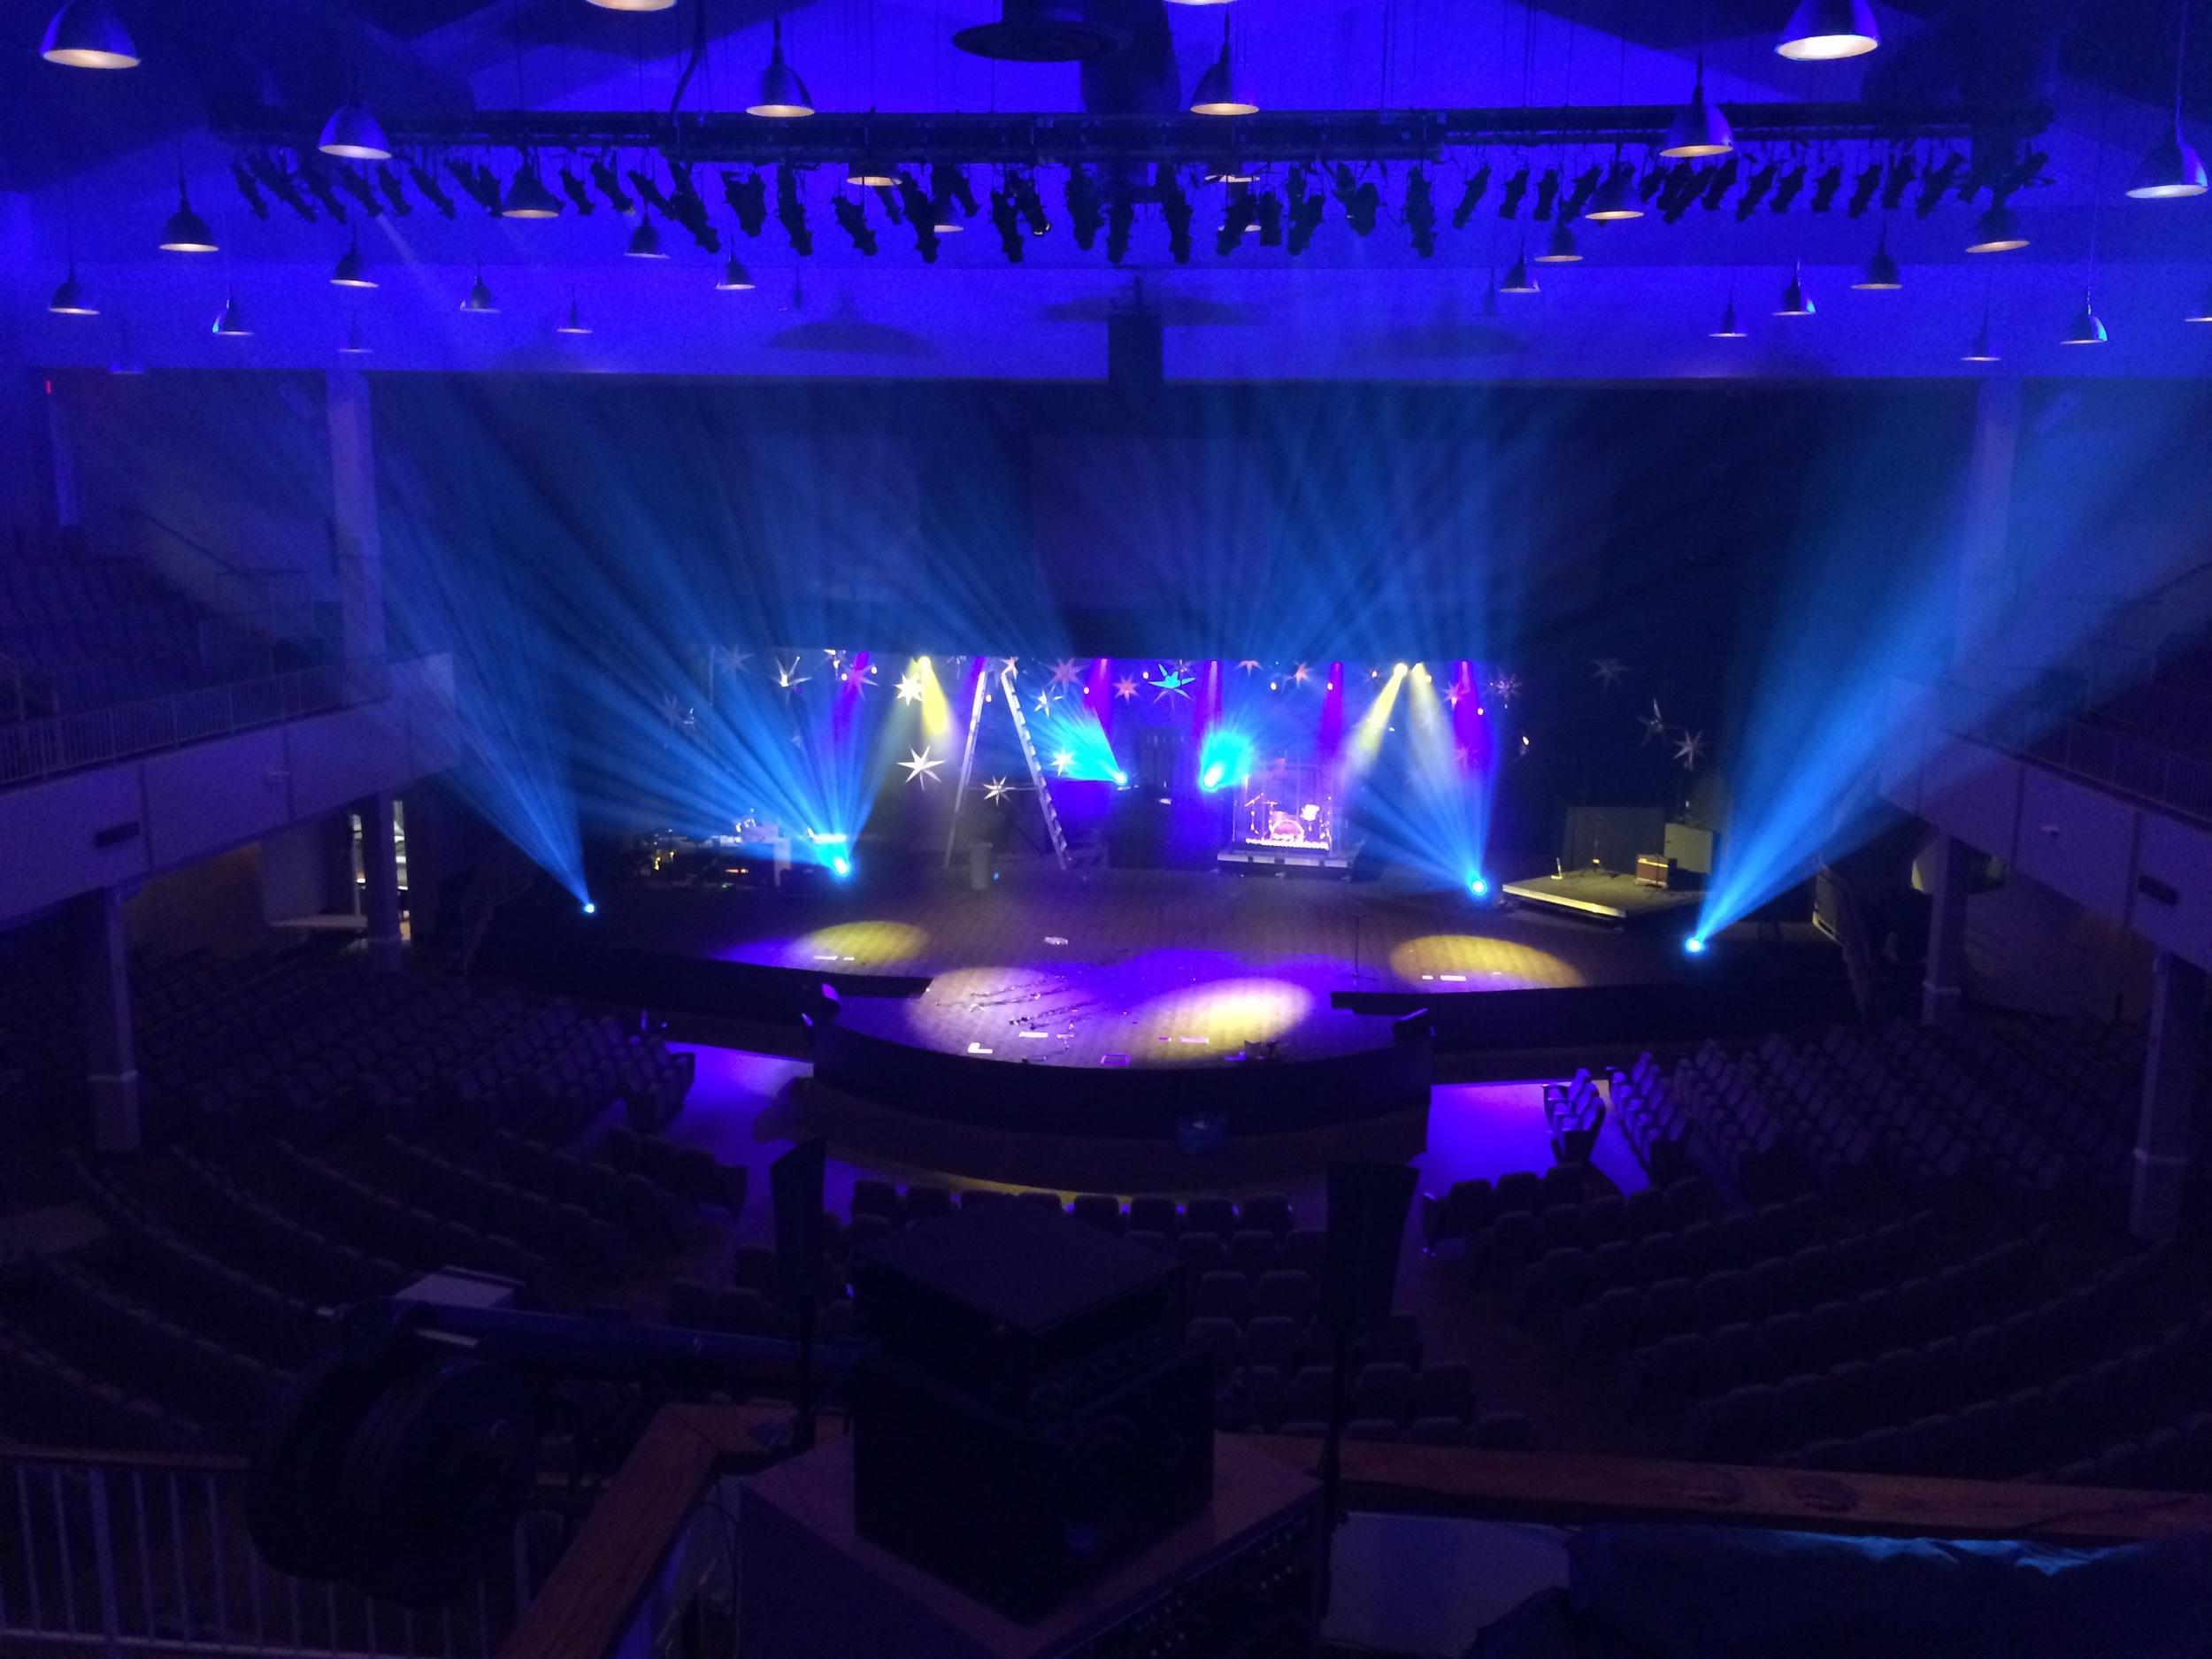 COR_Gaithersburg_Campus_Worship_Center_16.jpg